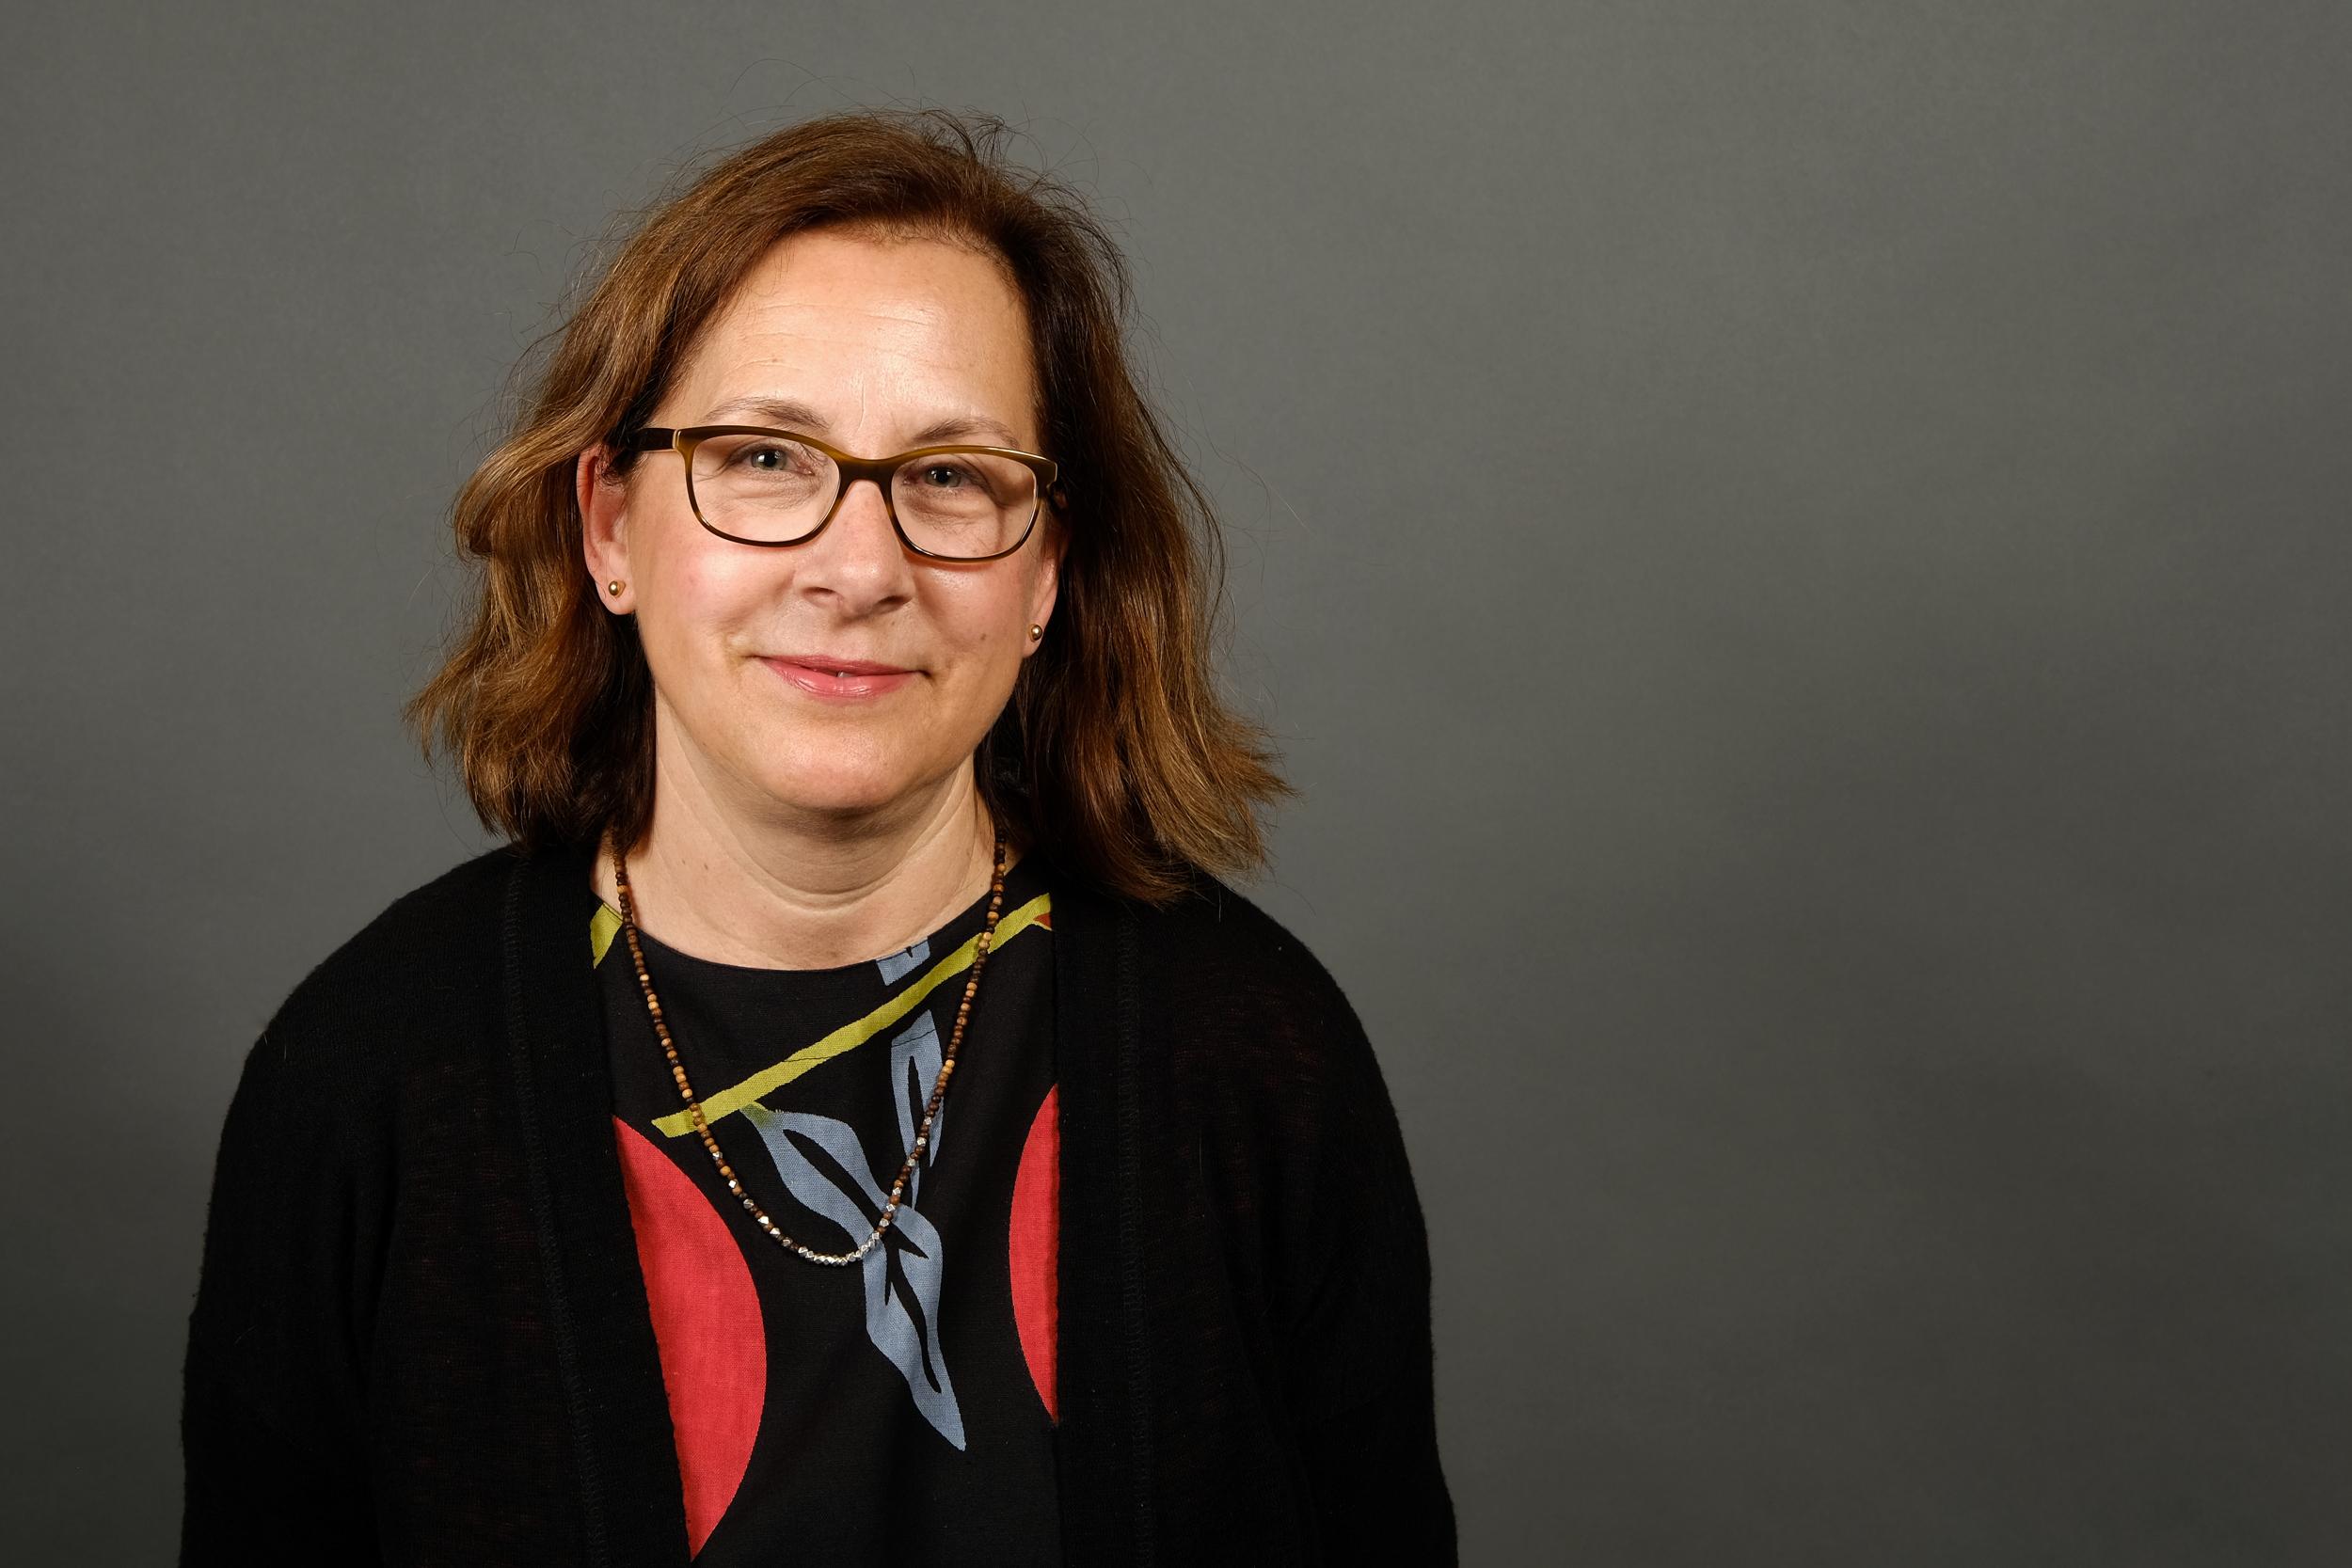 Ann Kogen